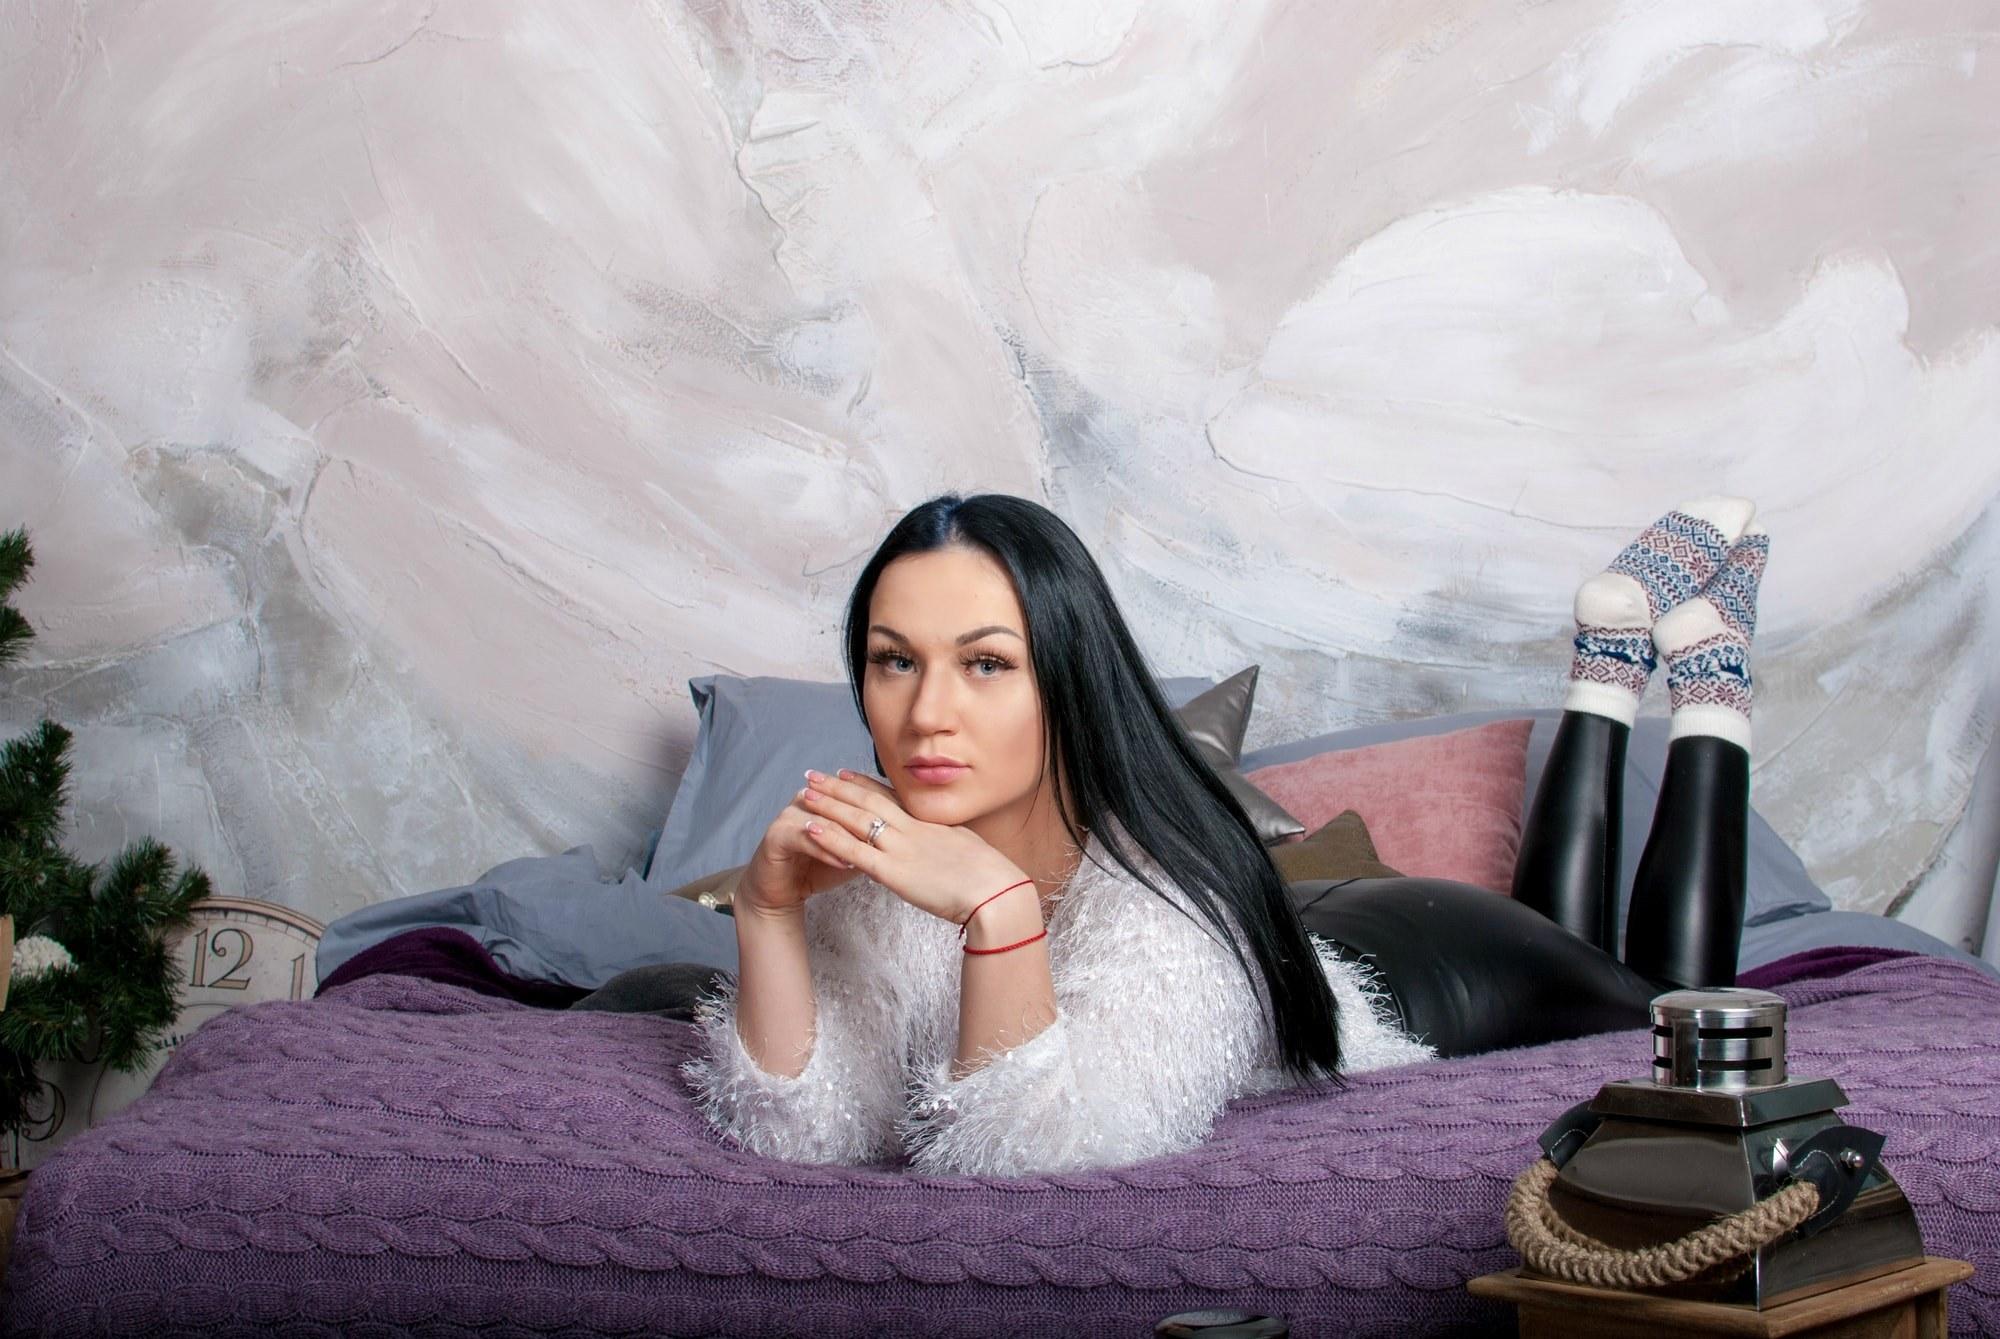 Девушка вальяжно лежит на кровати - Фотограф Киев - Женя Лайт